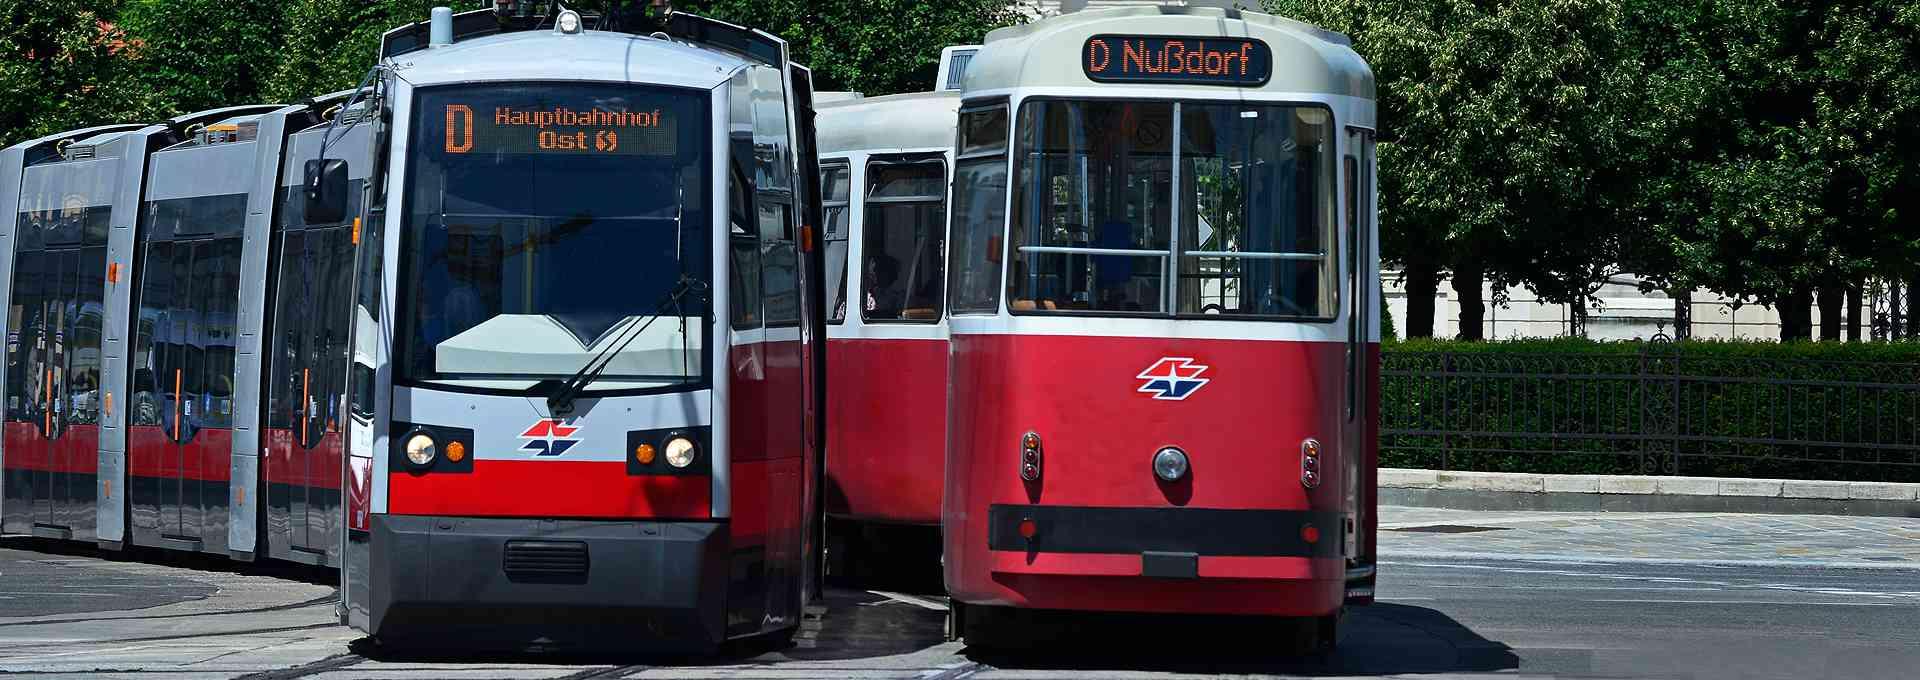 Die Linie D fährt vom Hauptbahnhof bis nach Nußdorf.